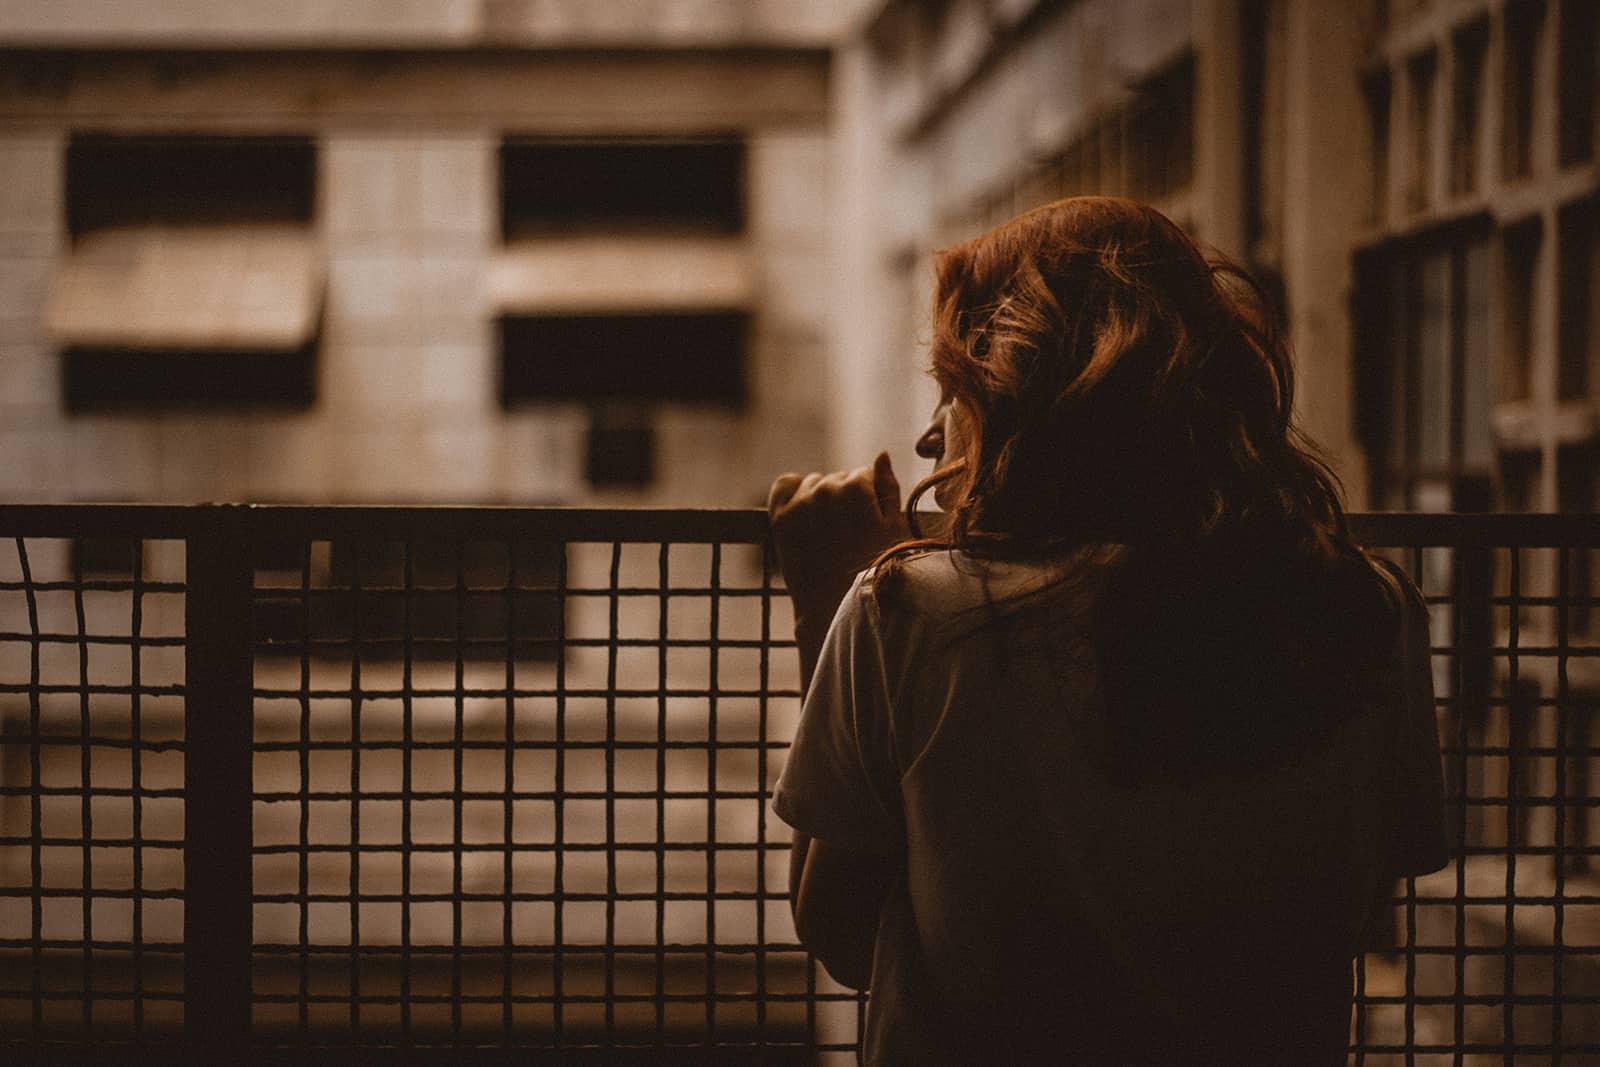 eine Frau, die sich auf den Zaun stützt und zur Seite schaut